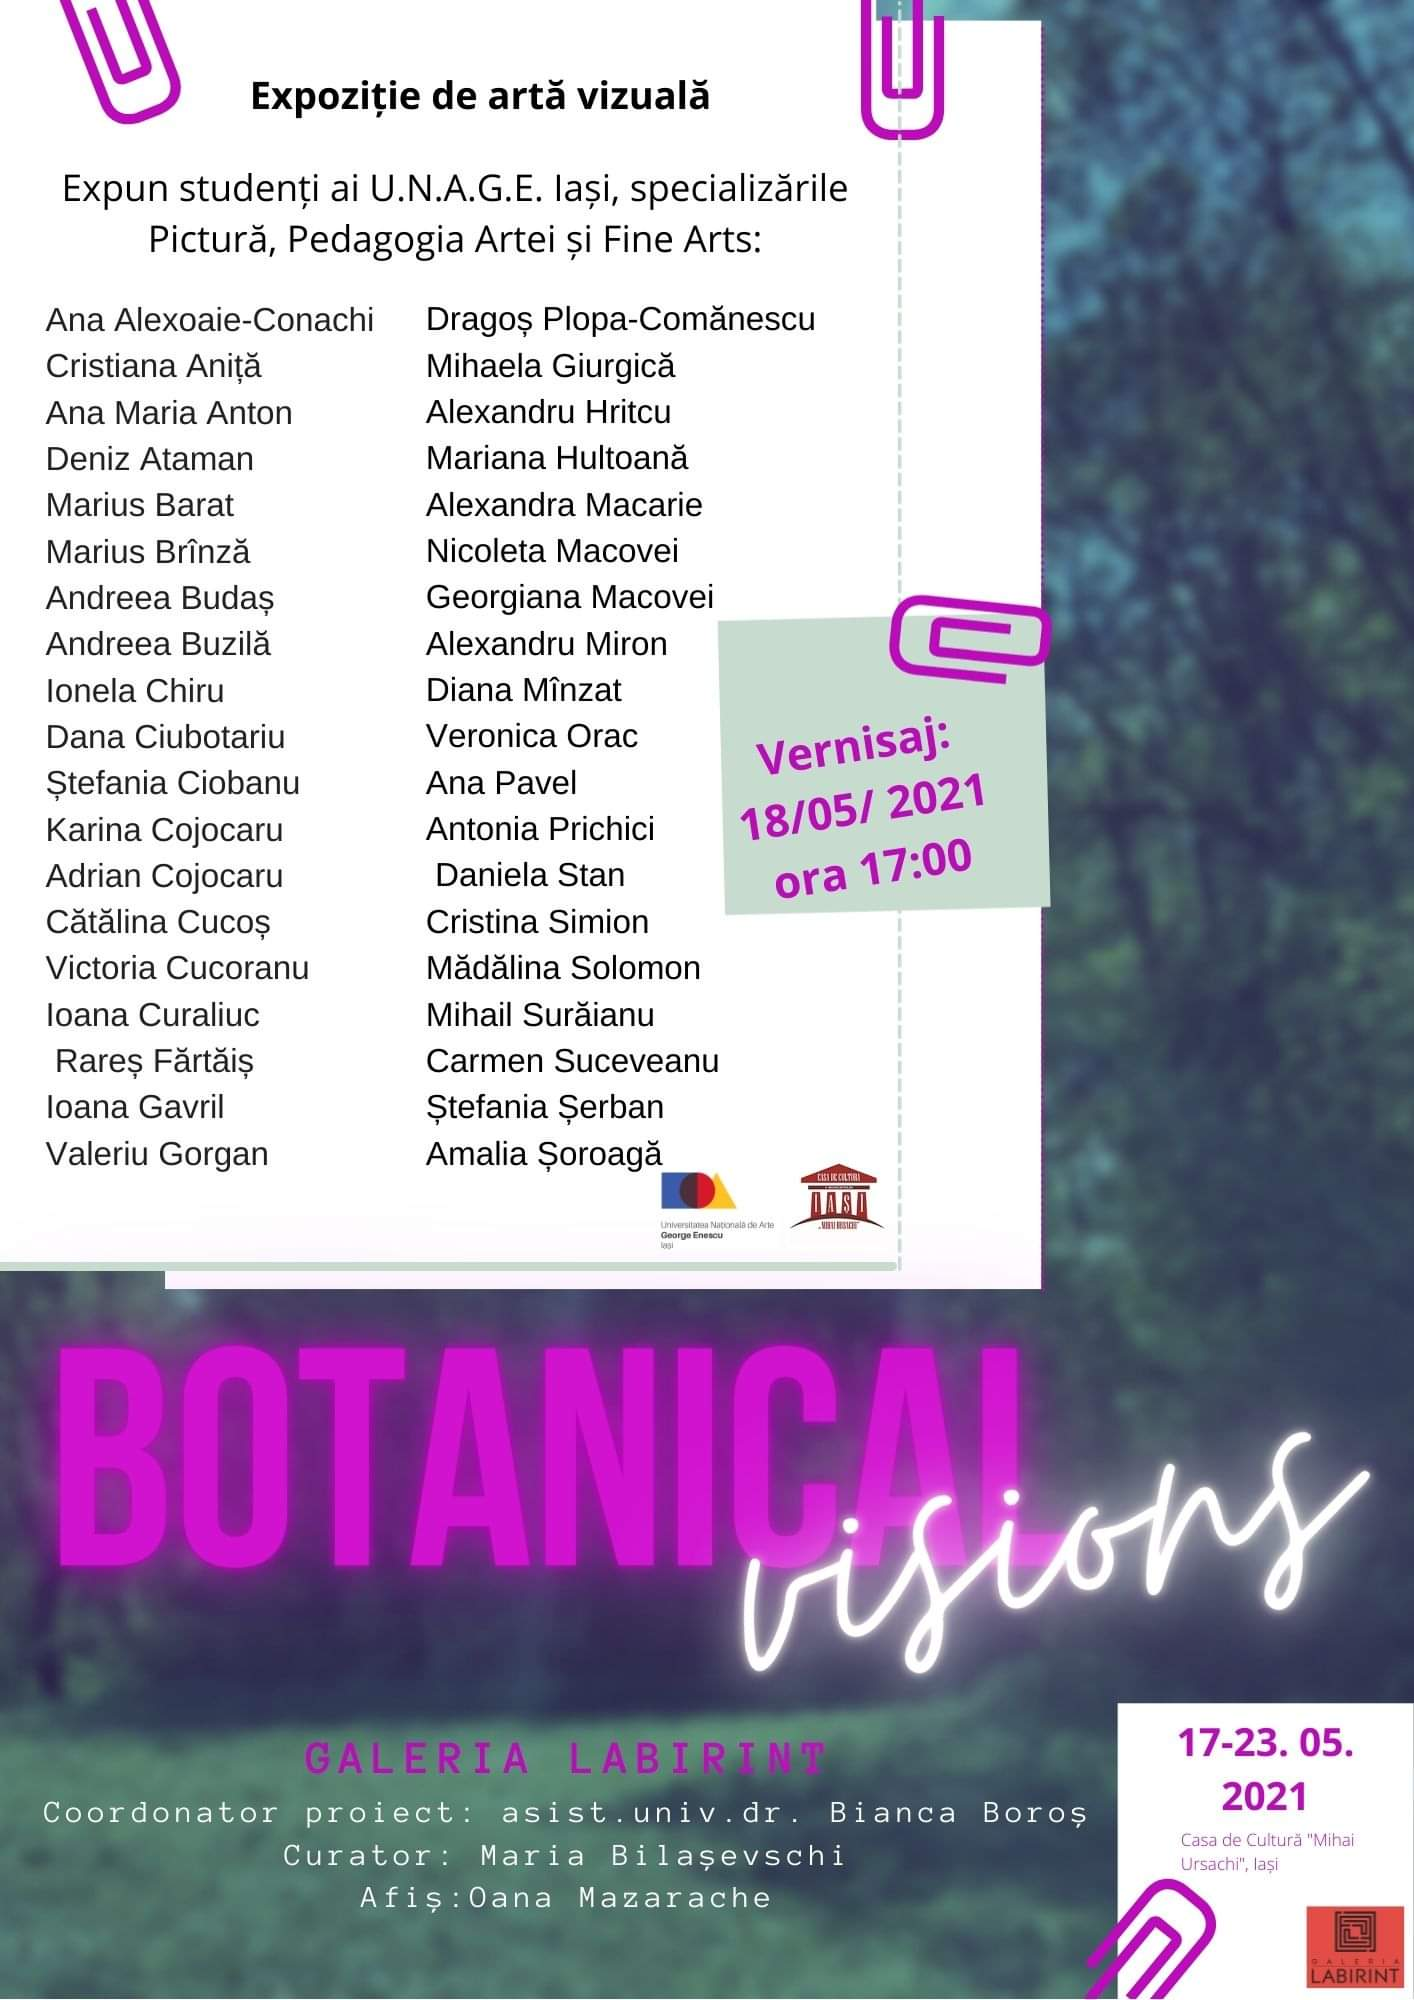 Expoziție de artă vizuală - Botanical visions